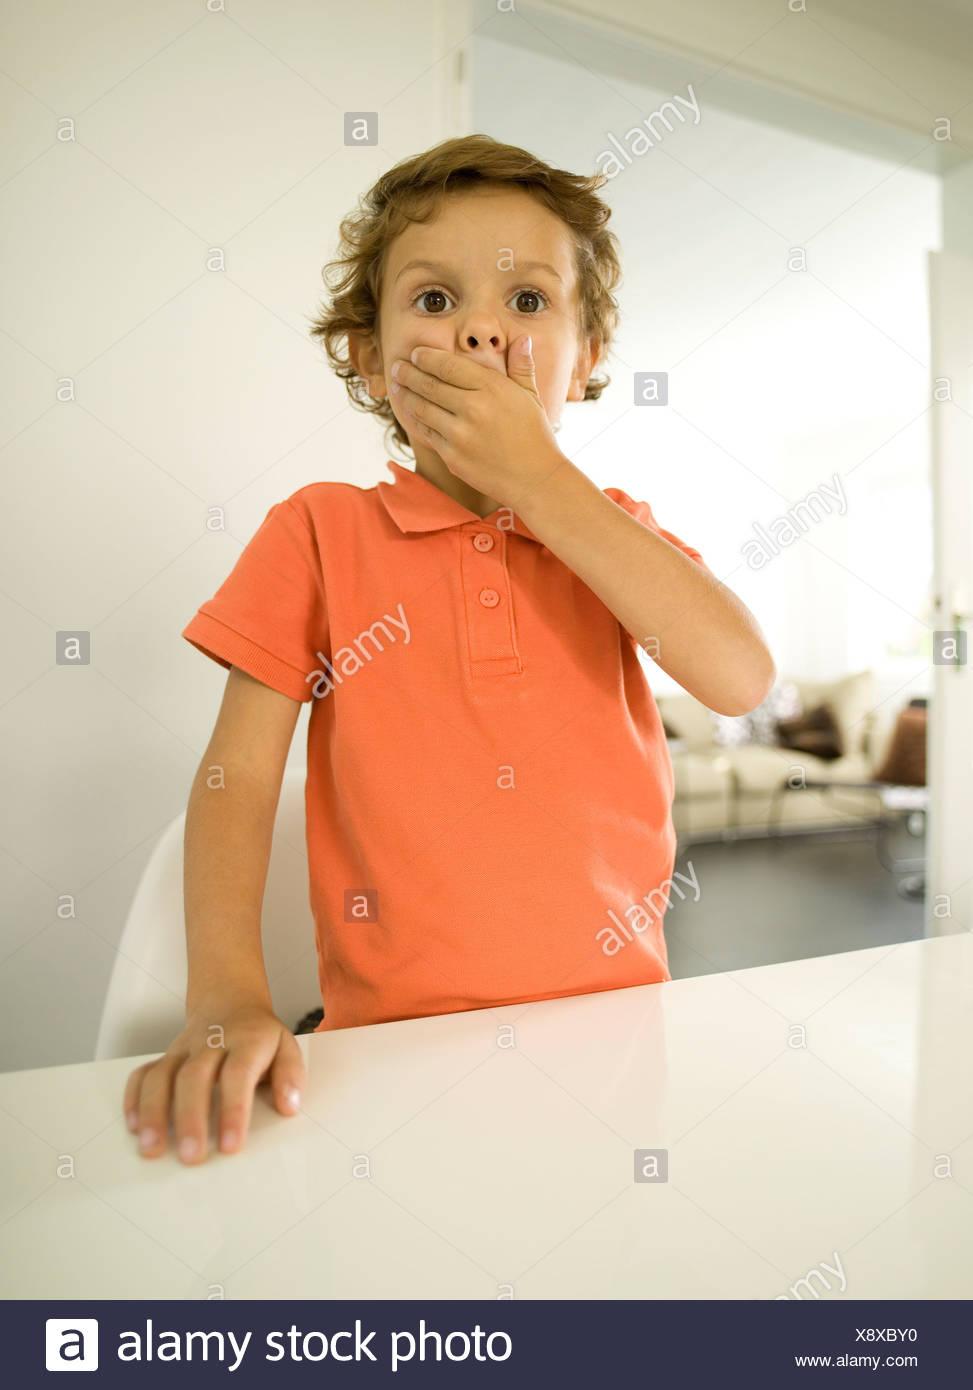 Giovane ragazzo (4-5) che copre la bocca con le mani, ritratto Immagini Stock